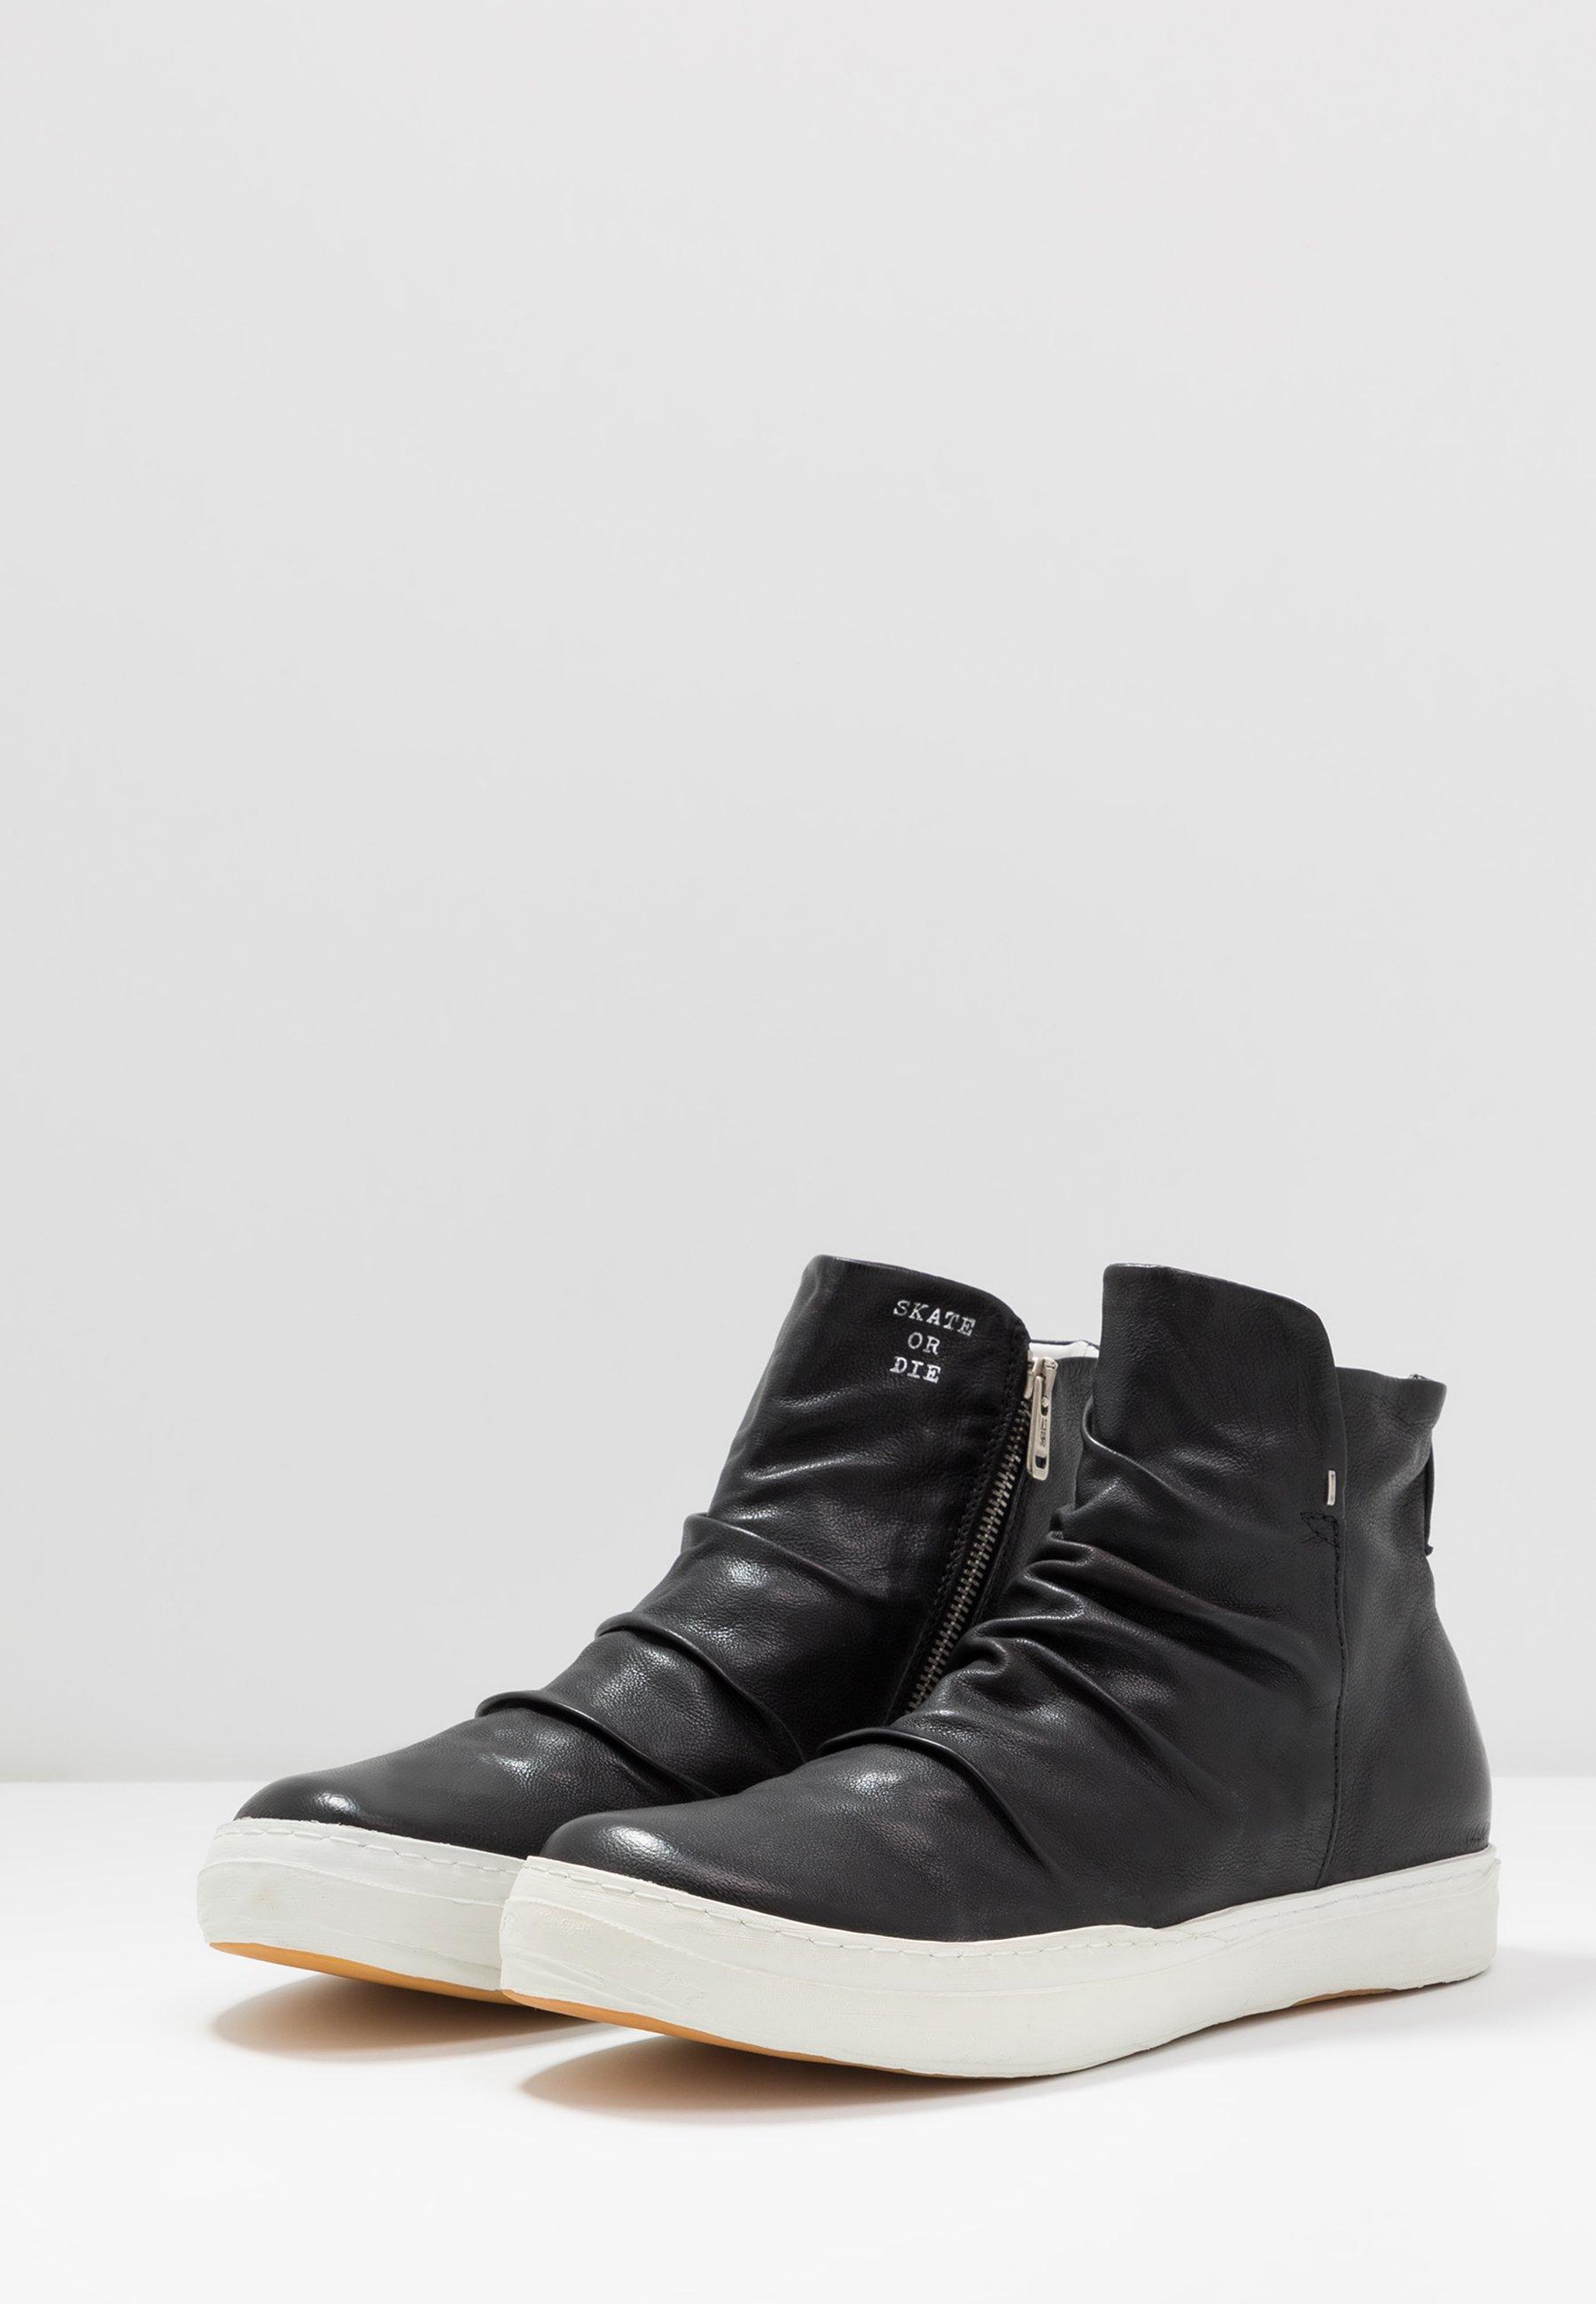 Cheap Cheapest A.S.98 SAGIT - Classic ankle boots - nero | men's shoes 2020 jDe1F